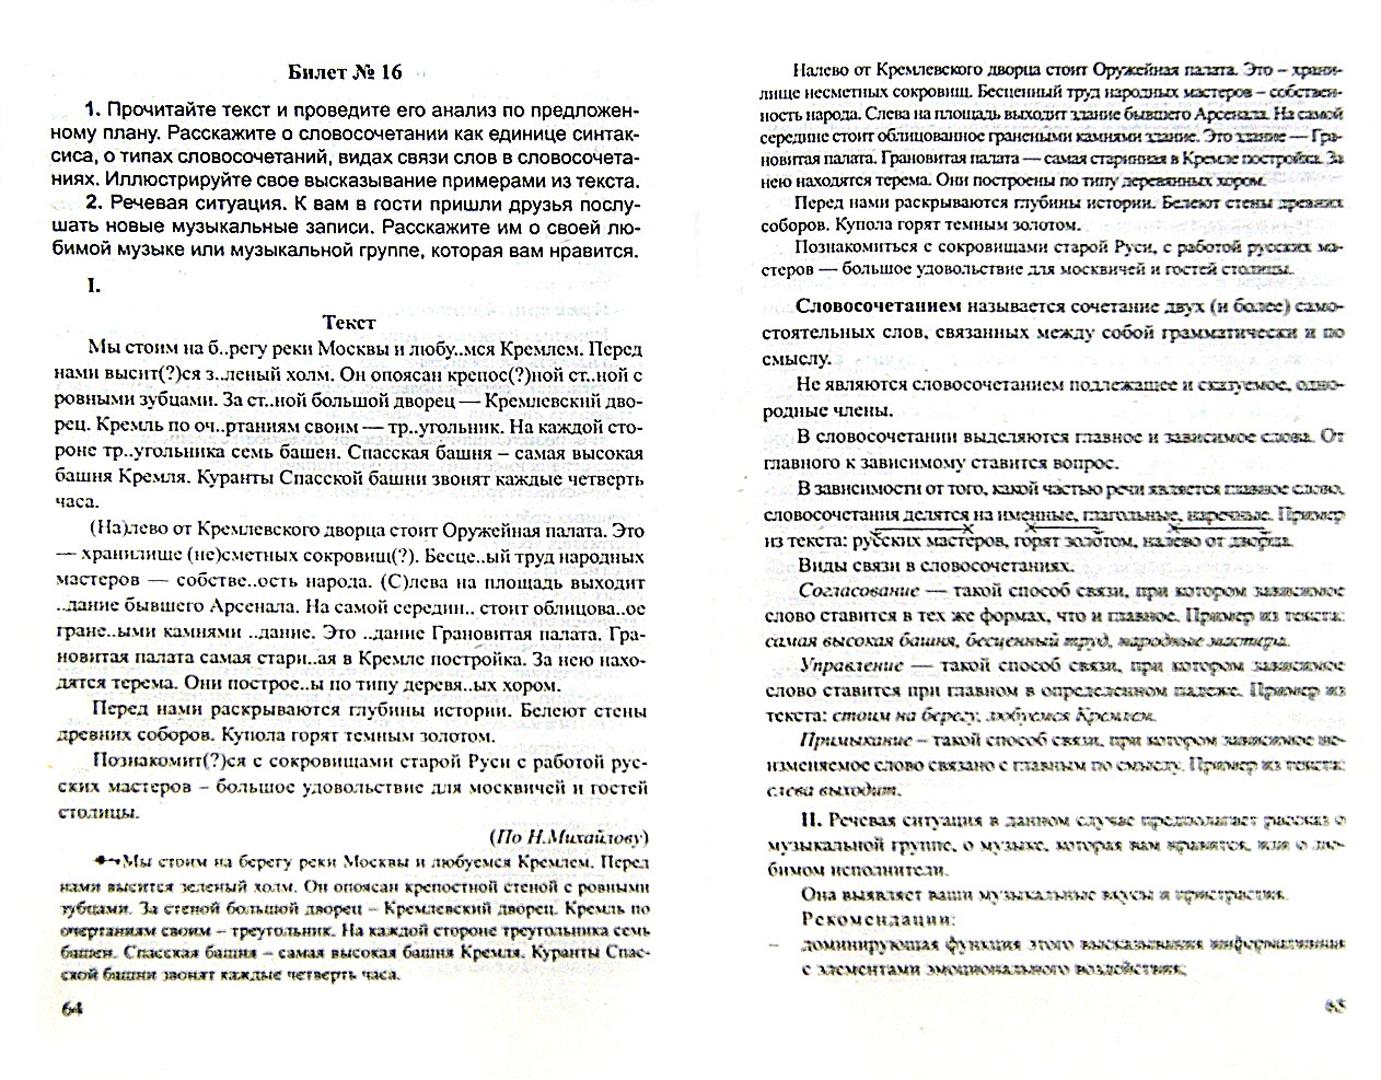 Иллюстрация 2 из 2 для Русский язык. 9 класс. Ответы на экзаменационные билеты - Козлова, Никулина | Лабиринт - книги. Источник: Лабиринт